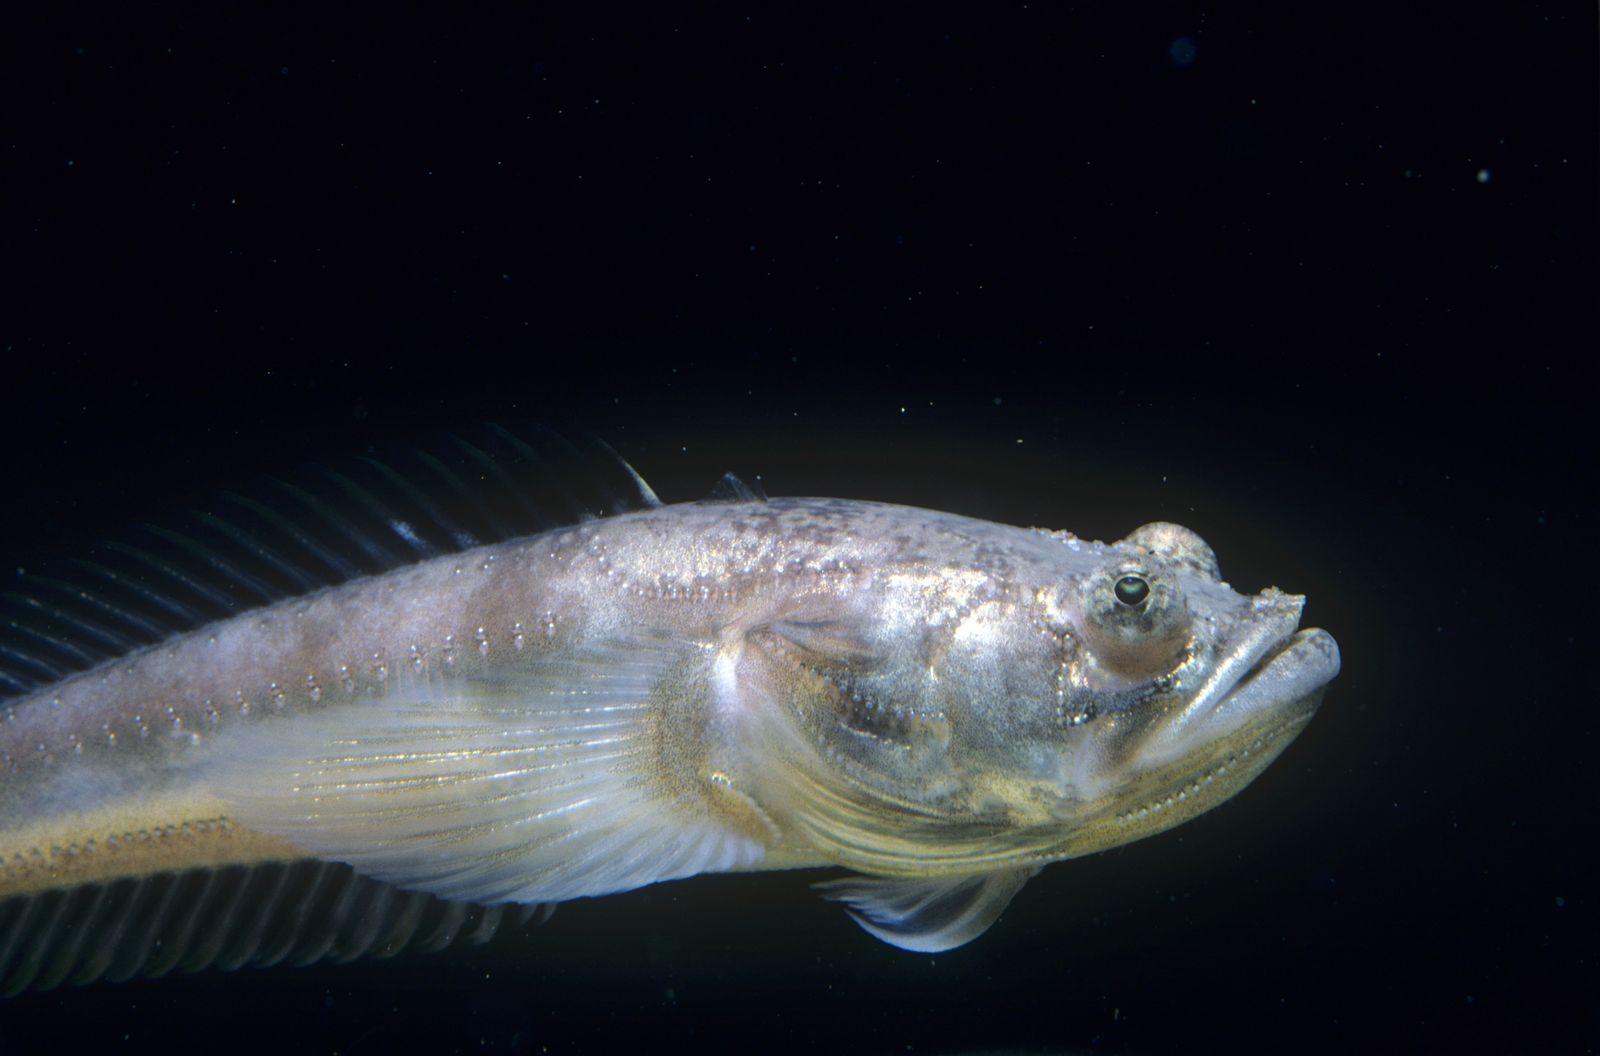 NICHT MEHR VERWENDEN! - Brummfisch / Midshipman Fish